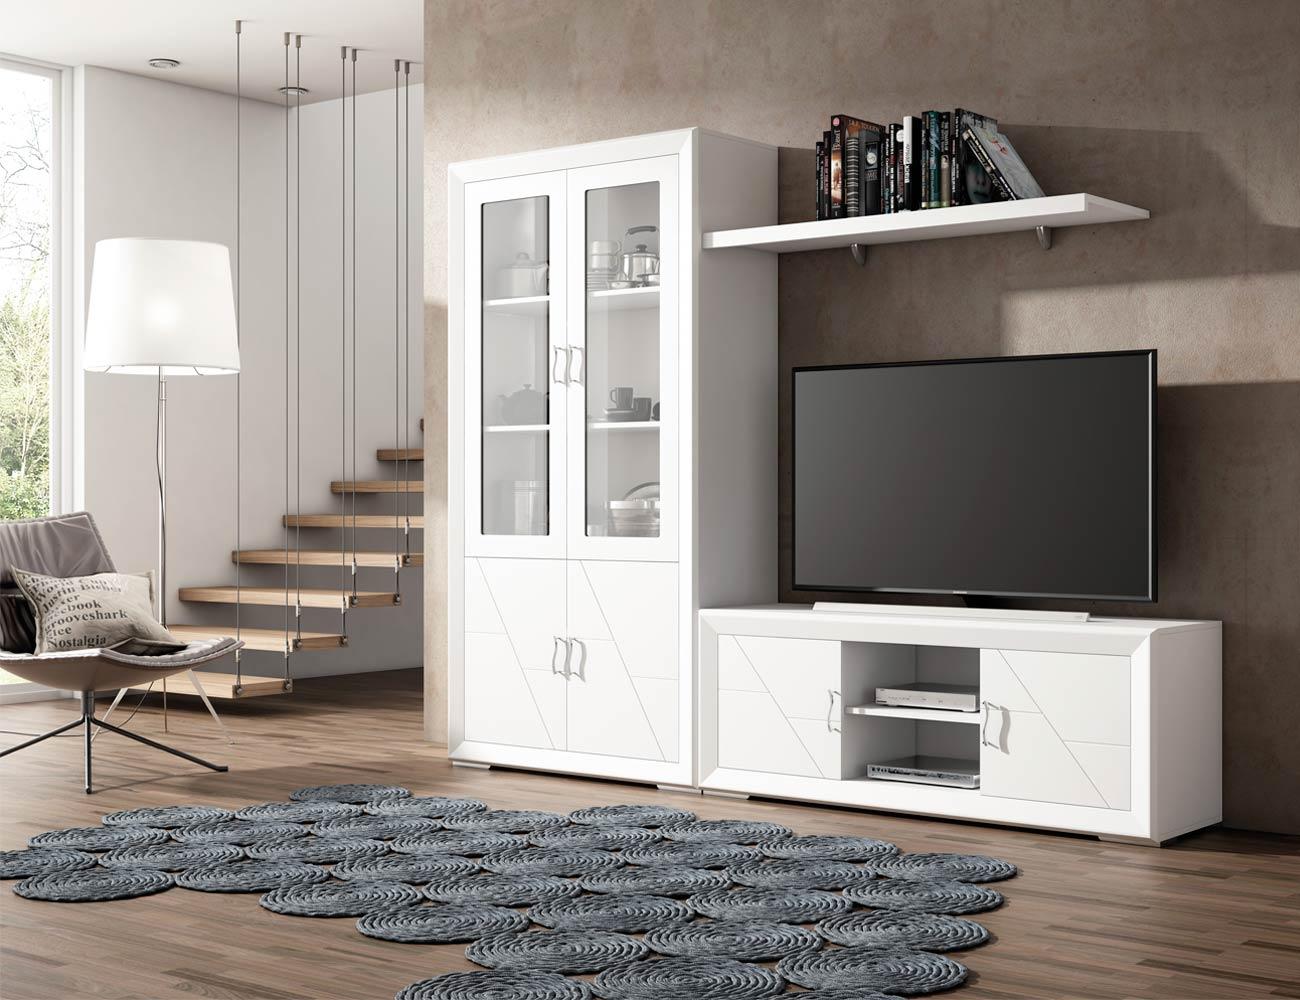 Mueble aparador de 2 puertas y 4 cajones en madera en for Mueble salon lacado blanco